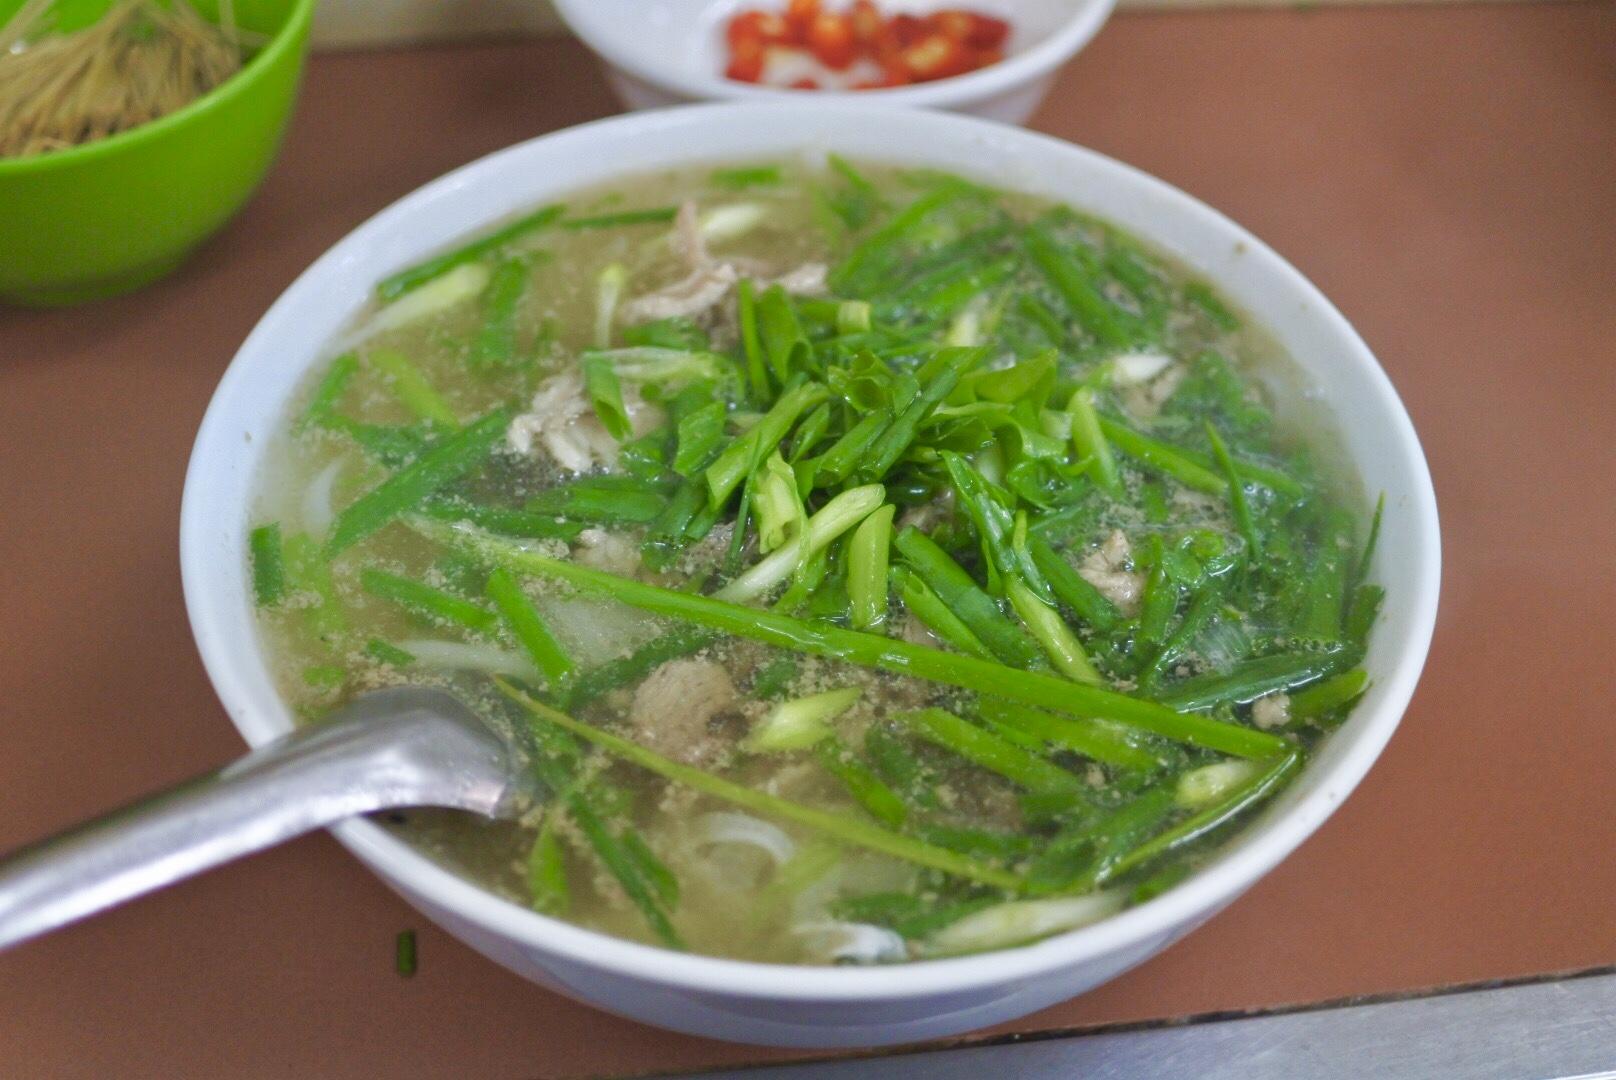 ベトナムで大人気ヤギの焼肉を紹介します!